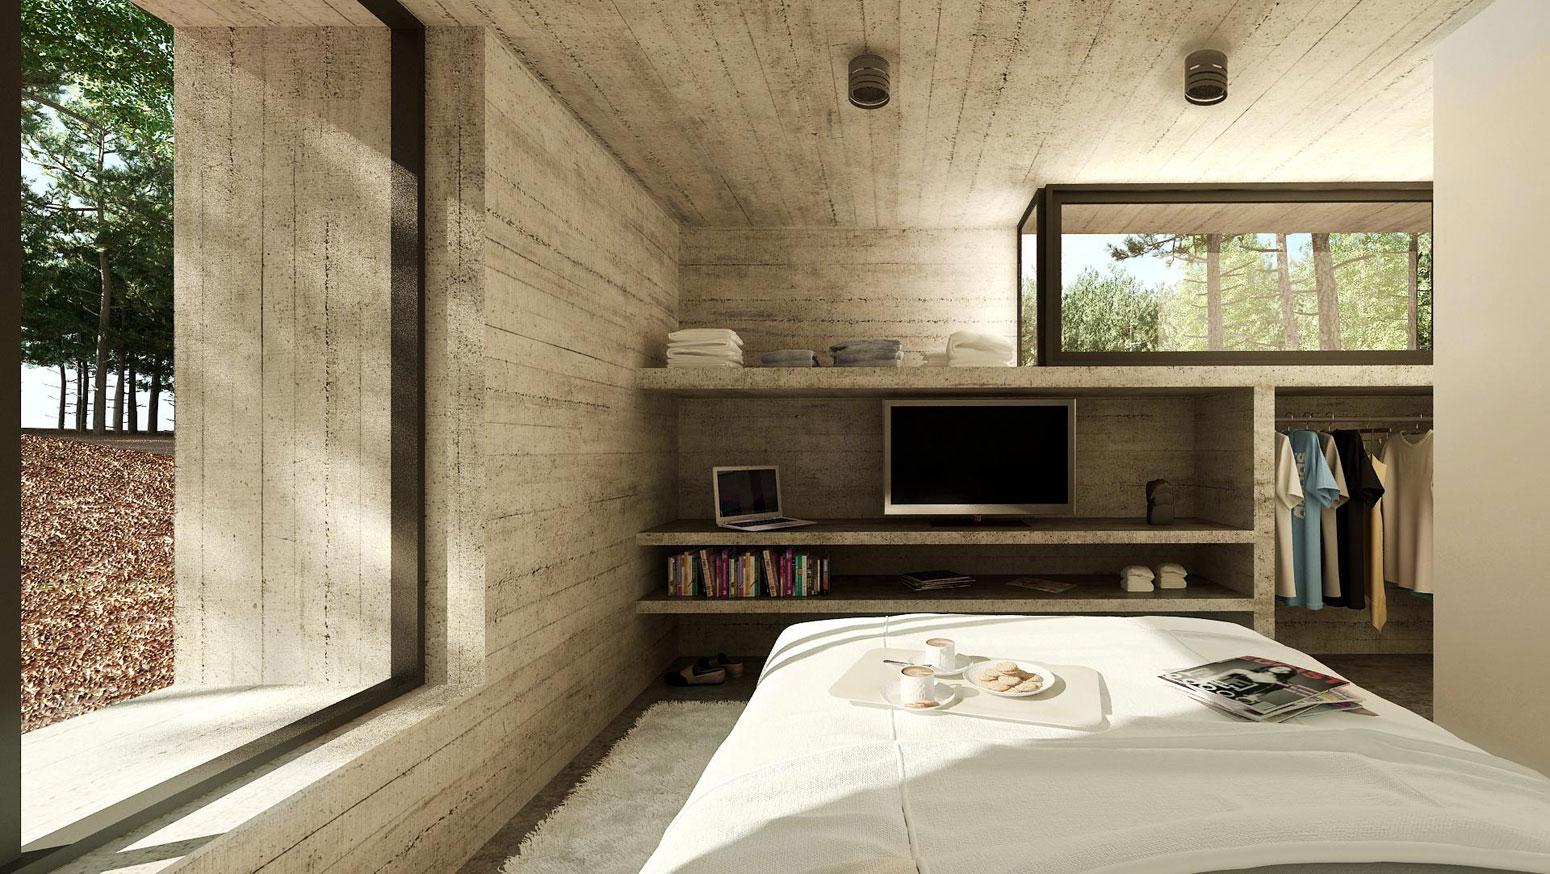 Concrete Forrest House in Costa Esmeralda by Besonias Almeida Arquitectos13